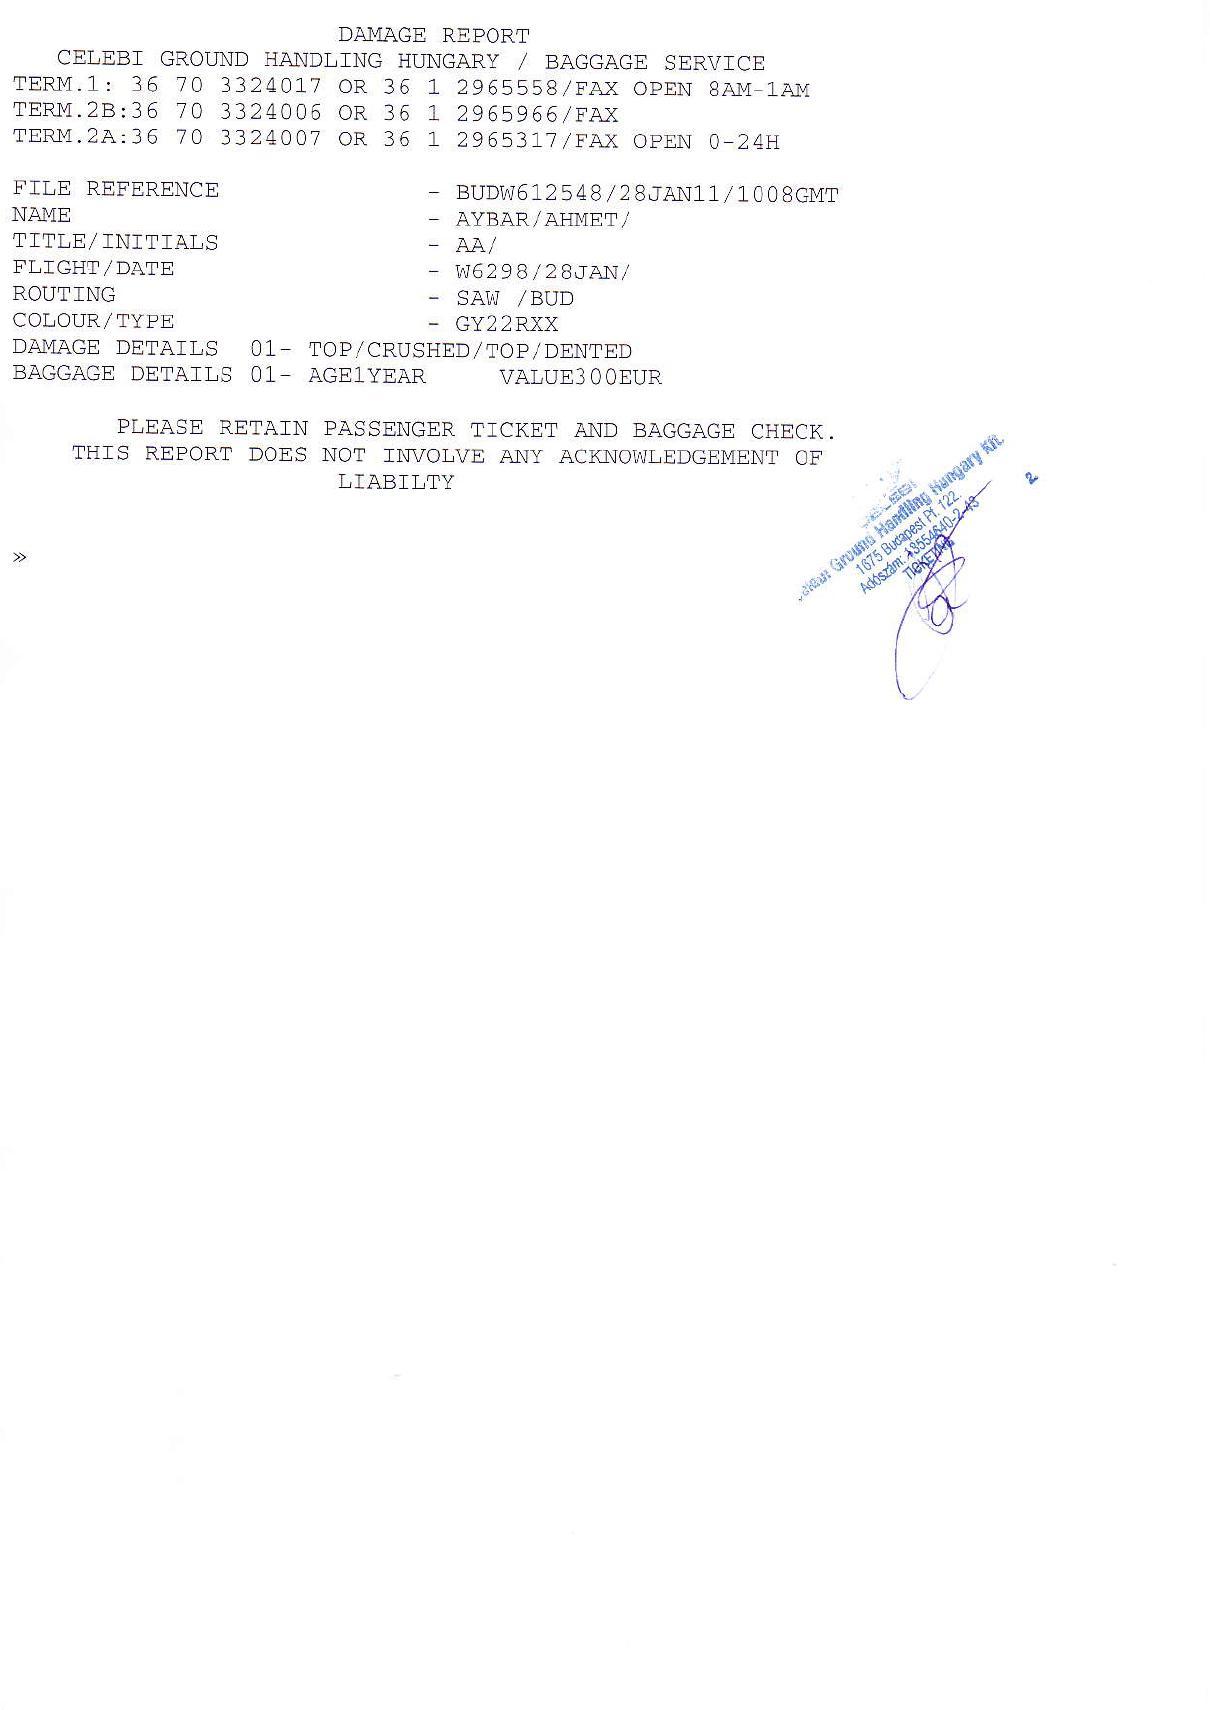 Dokument, was ich in Budapester Flughafen bekommen habe.